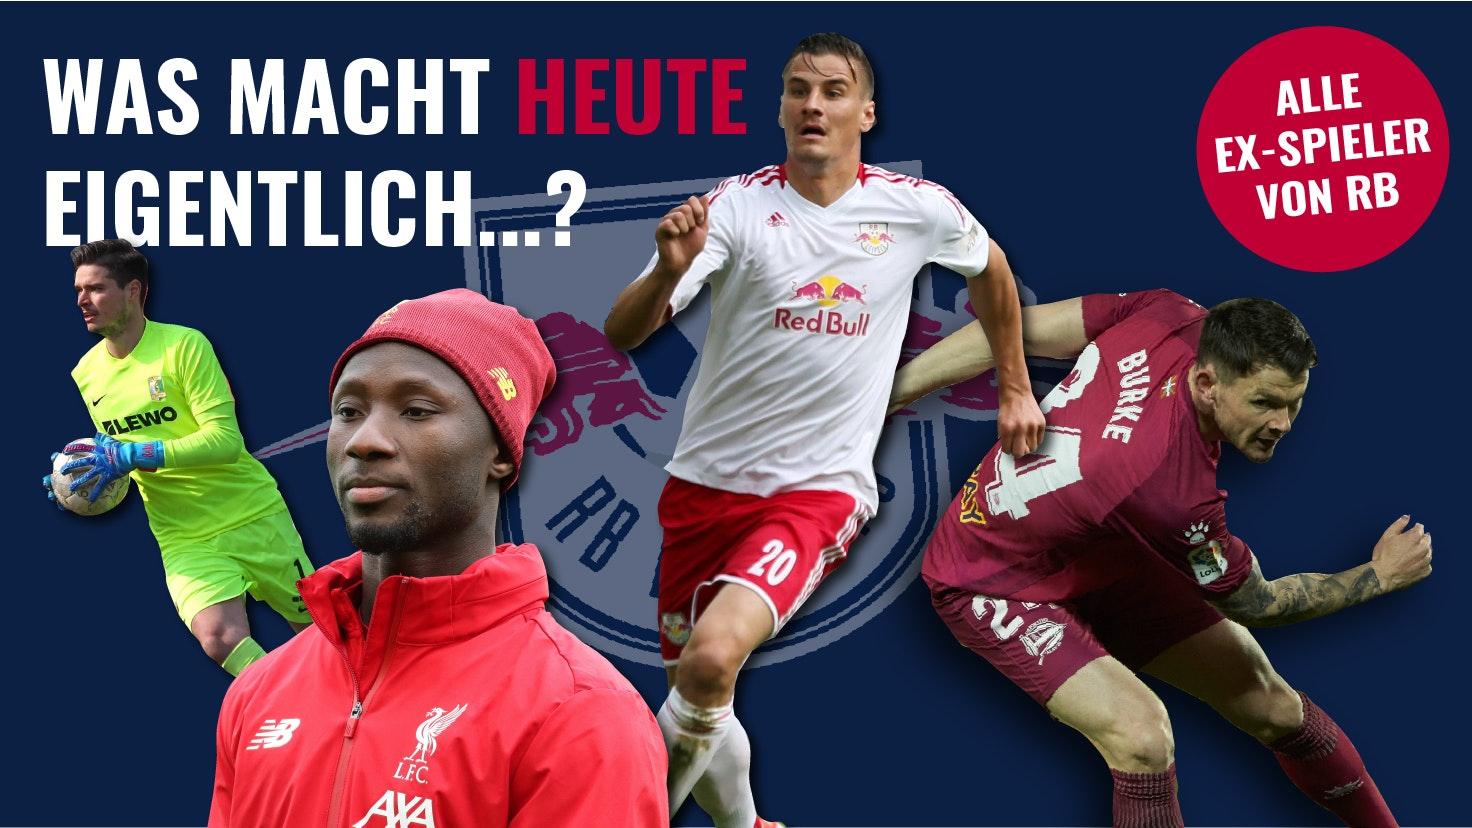 Ex Spieler von RB Leipzig Was machen Vereins Helden und ...